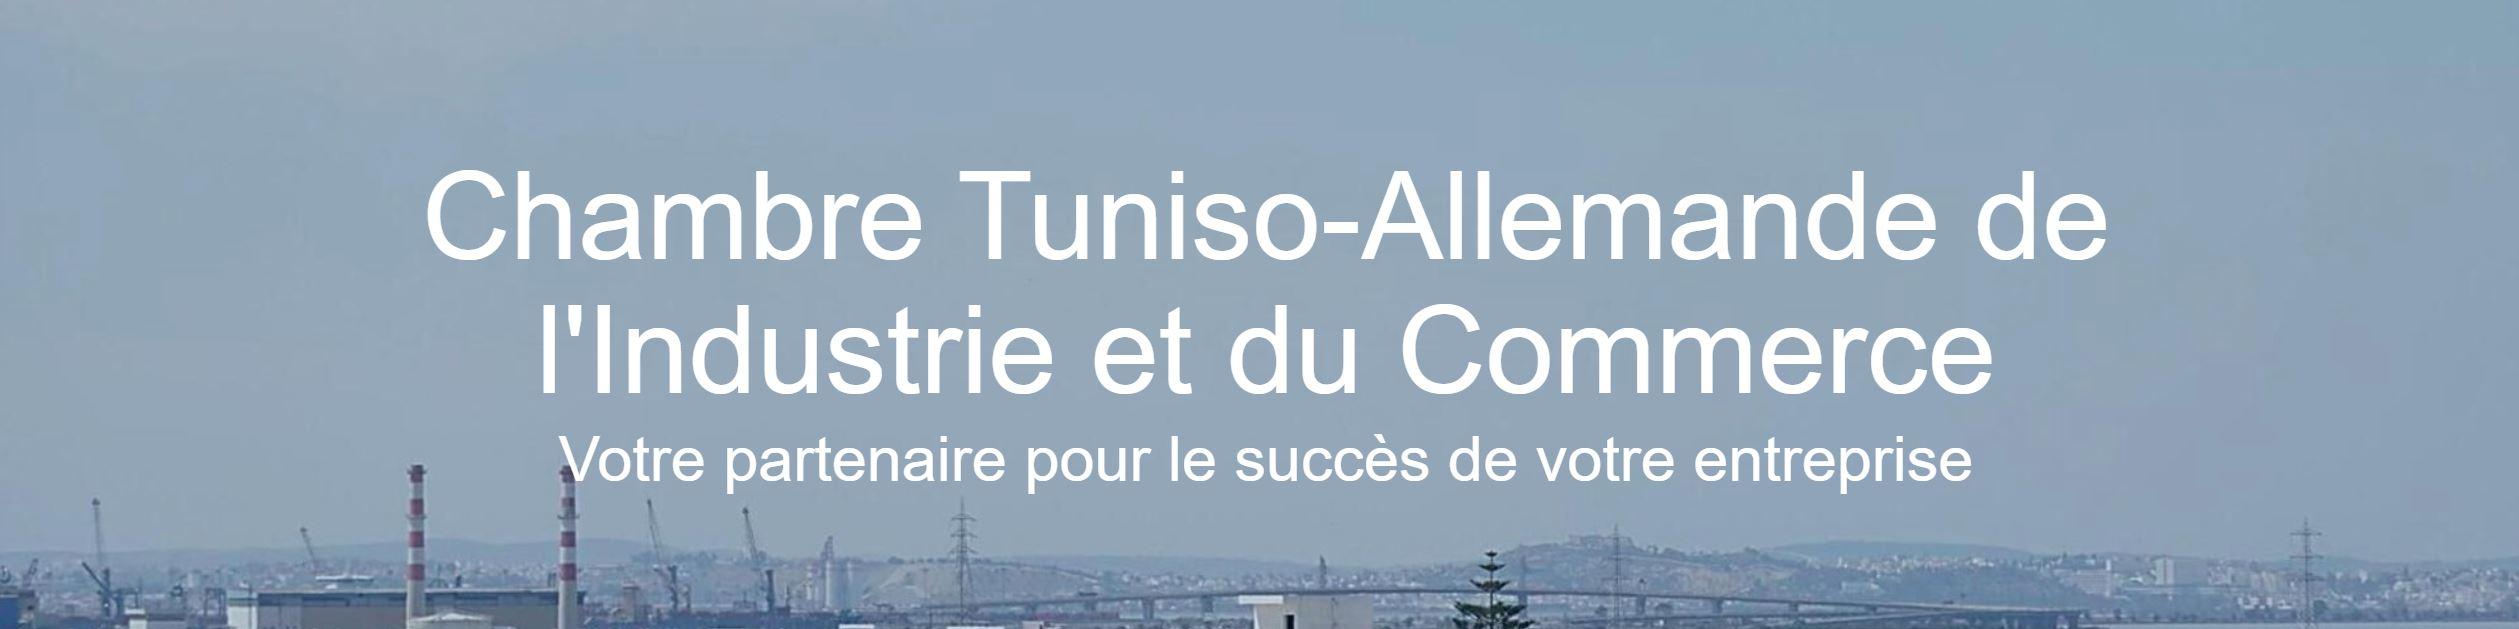 AHK Tunisie Cover Image